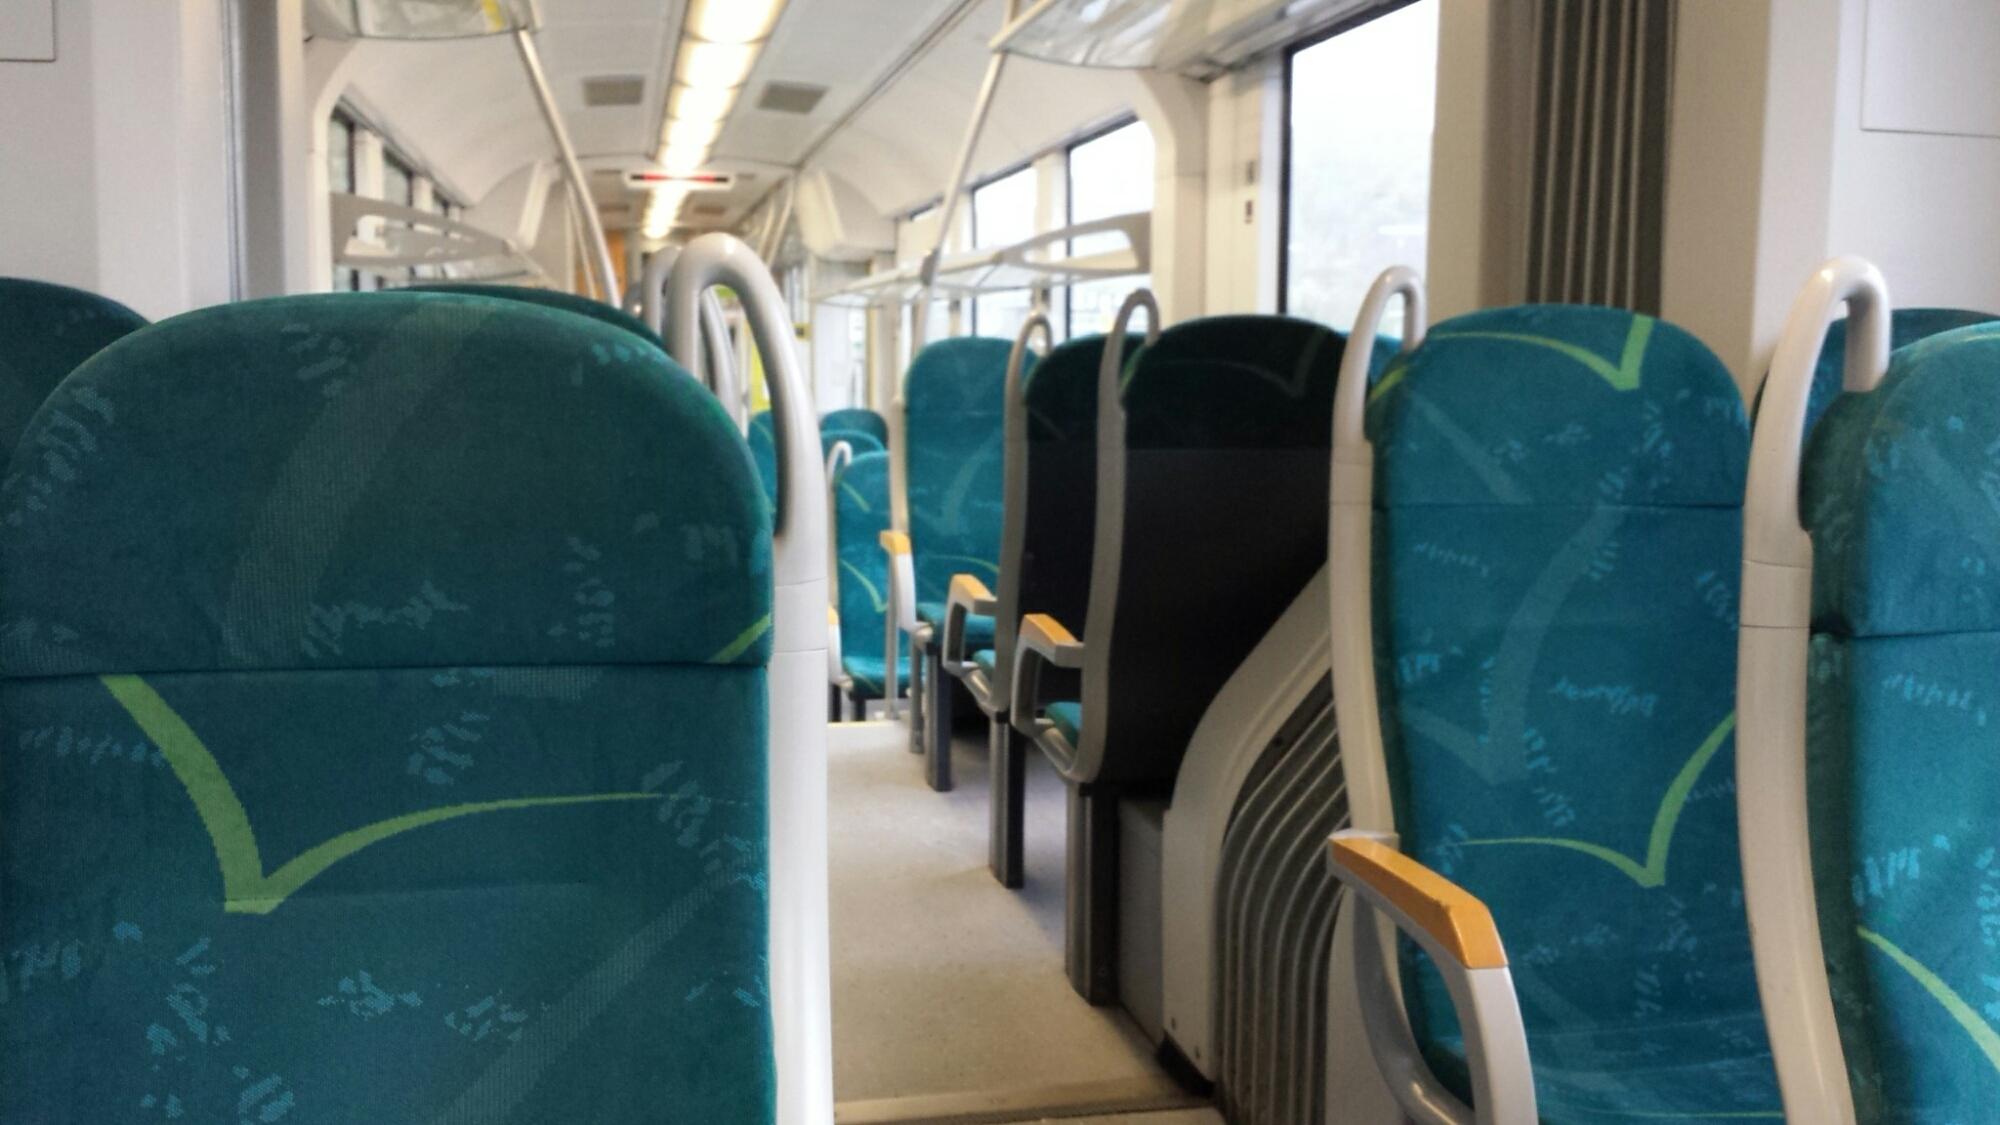 Leere Sitze - da wäre noch Platz gewesen.